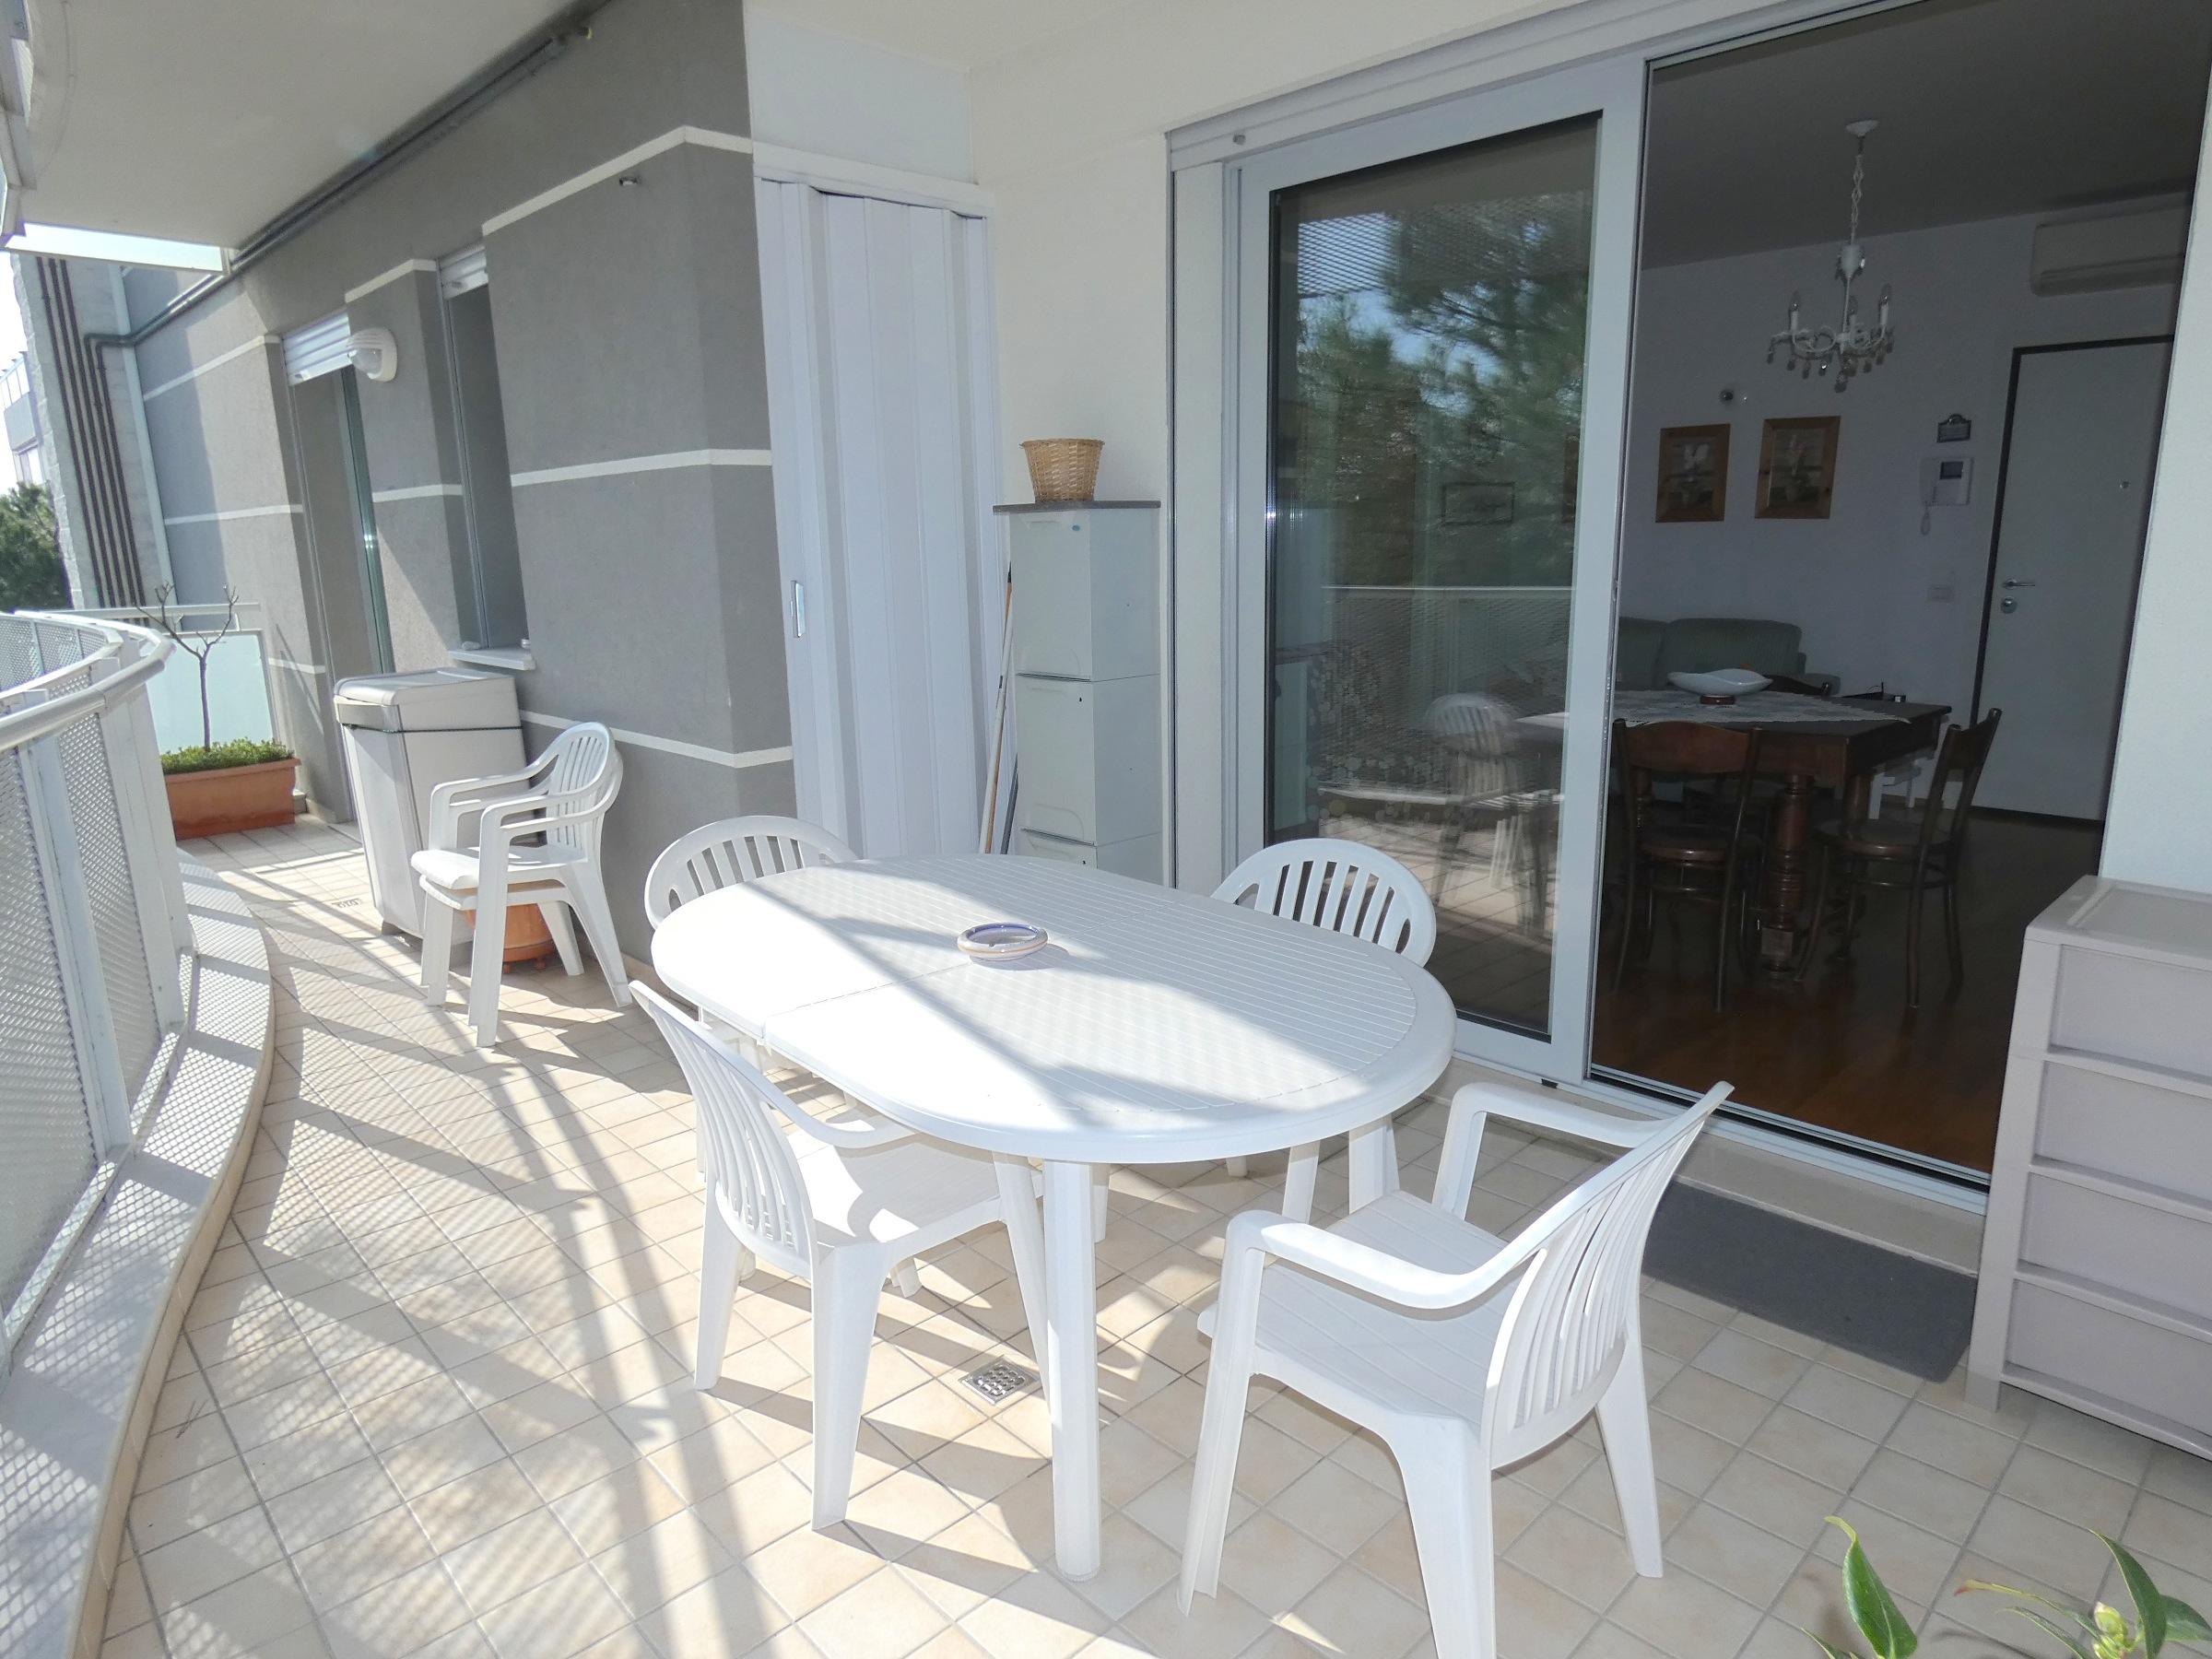 RICCIONE PARCO, Ampio appartamento in affitto stagionale con terrazzo abitabile